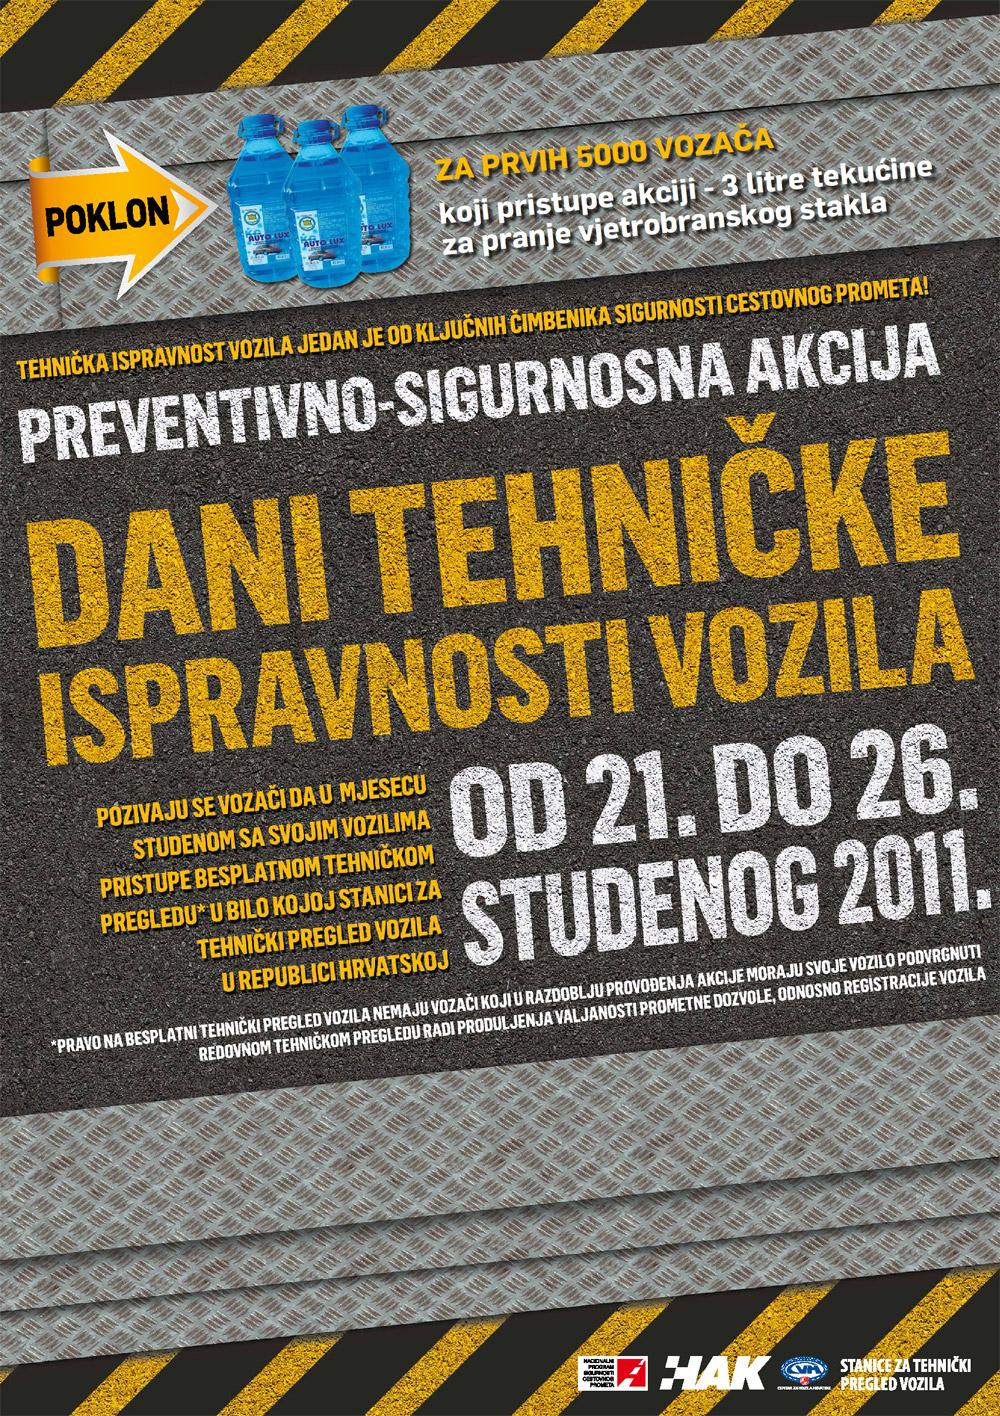 Dani tehničke ispravnosti 2011.